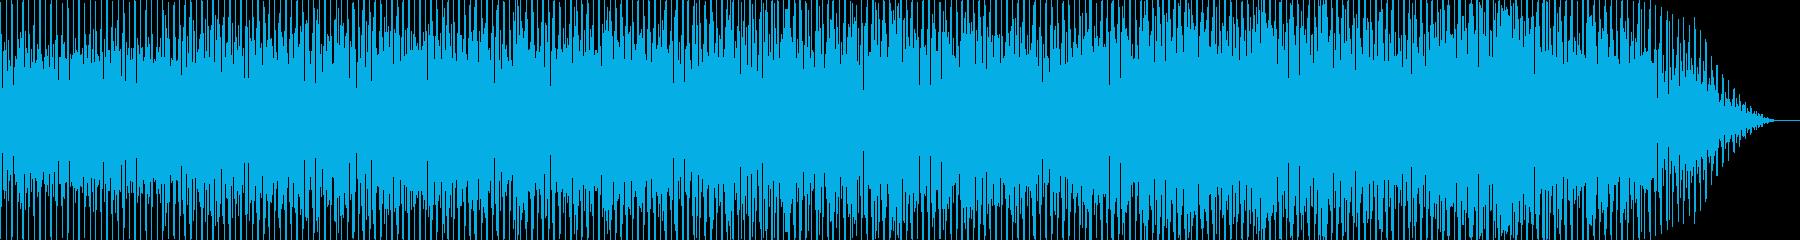 定番のデトロイト・テクノの再生済みの波形